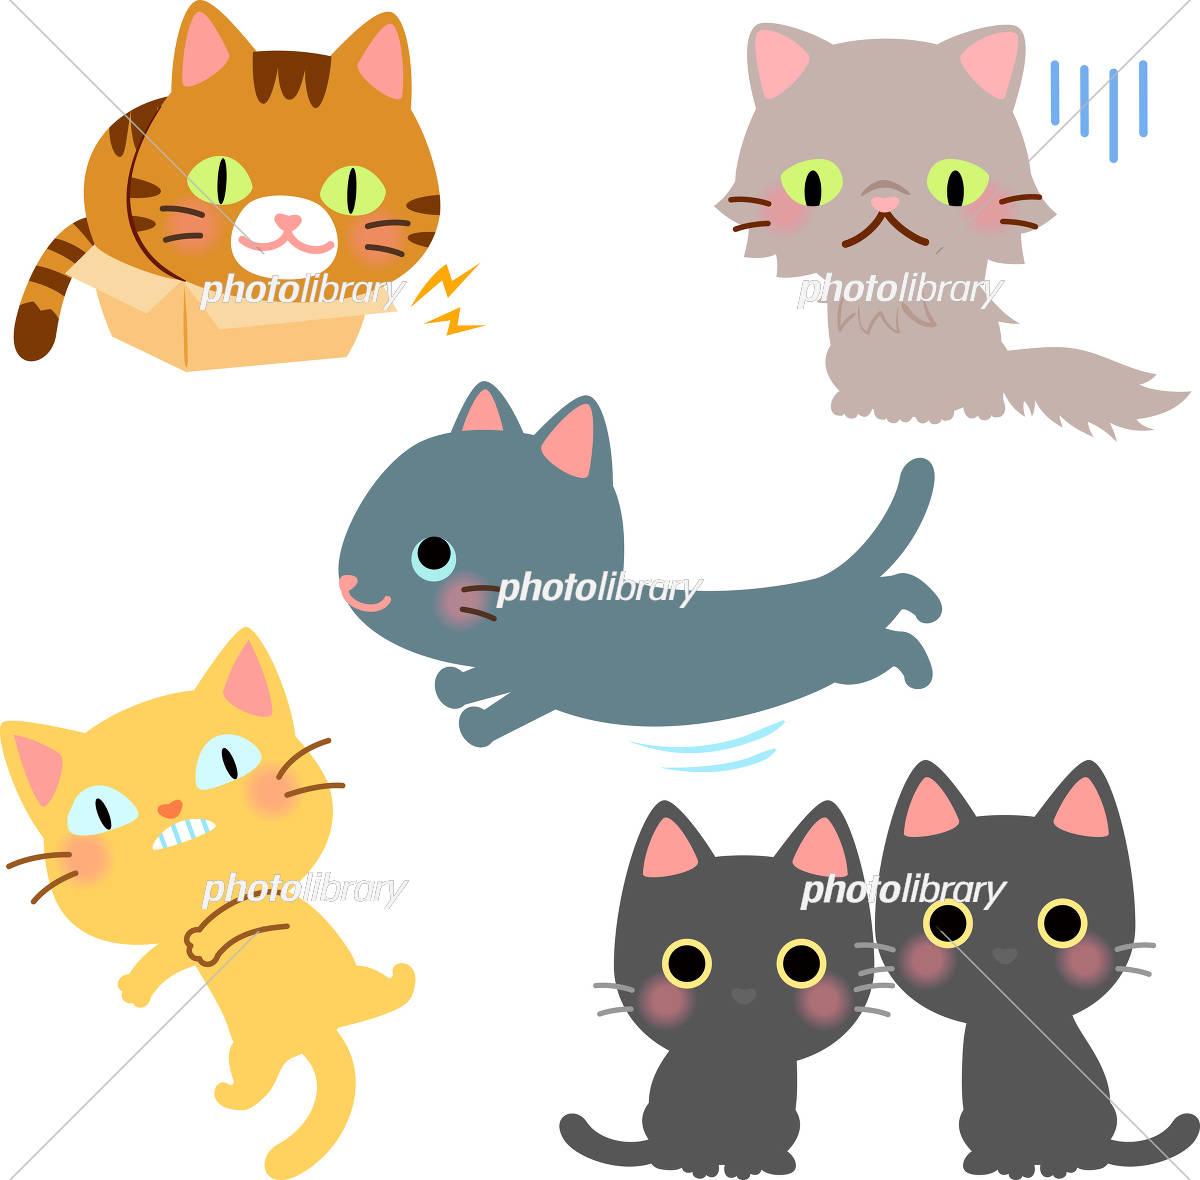 おもしろい猫のイラストセット イラスト素材 [ 5375639 ] - フォト